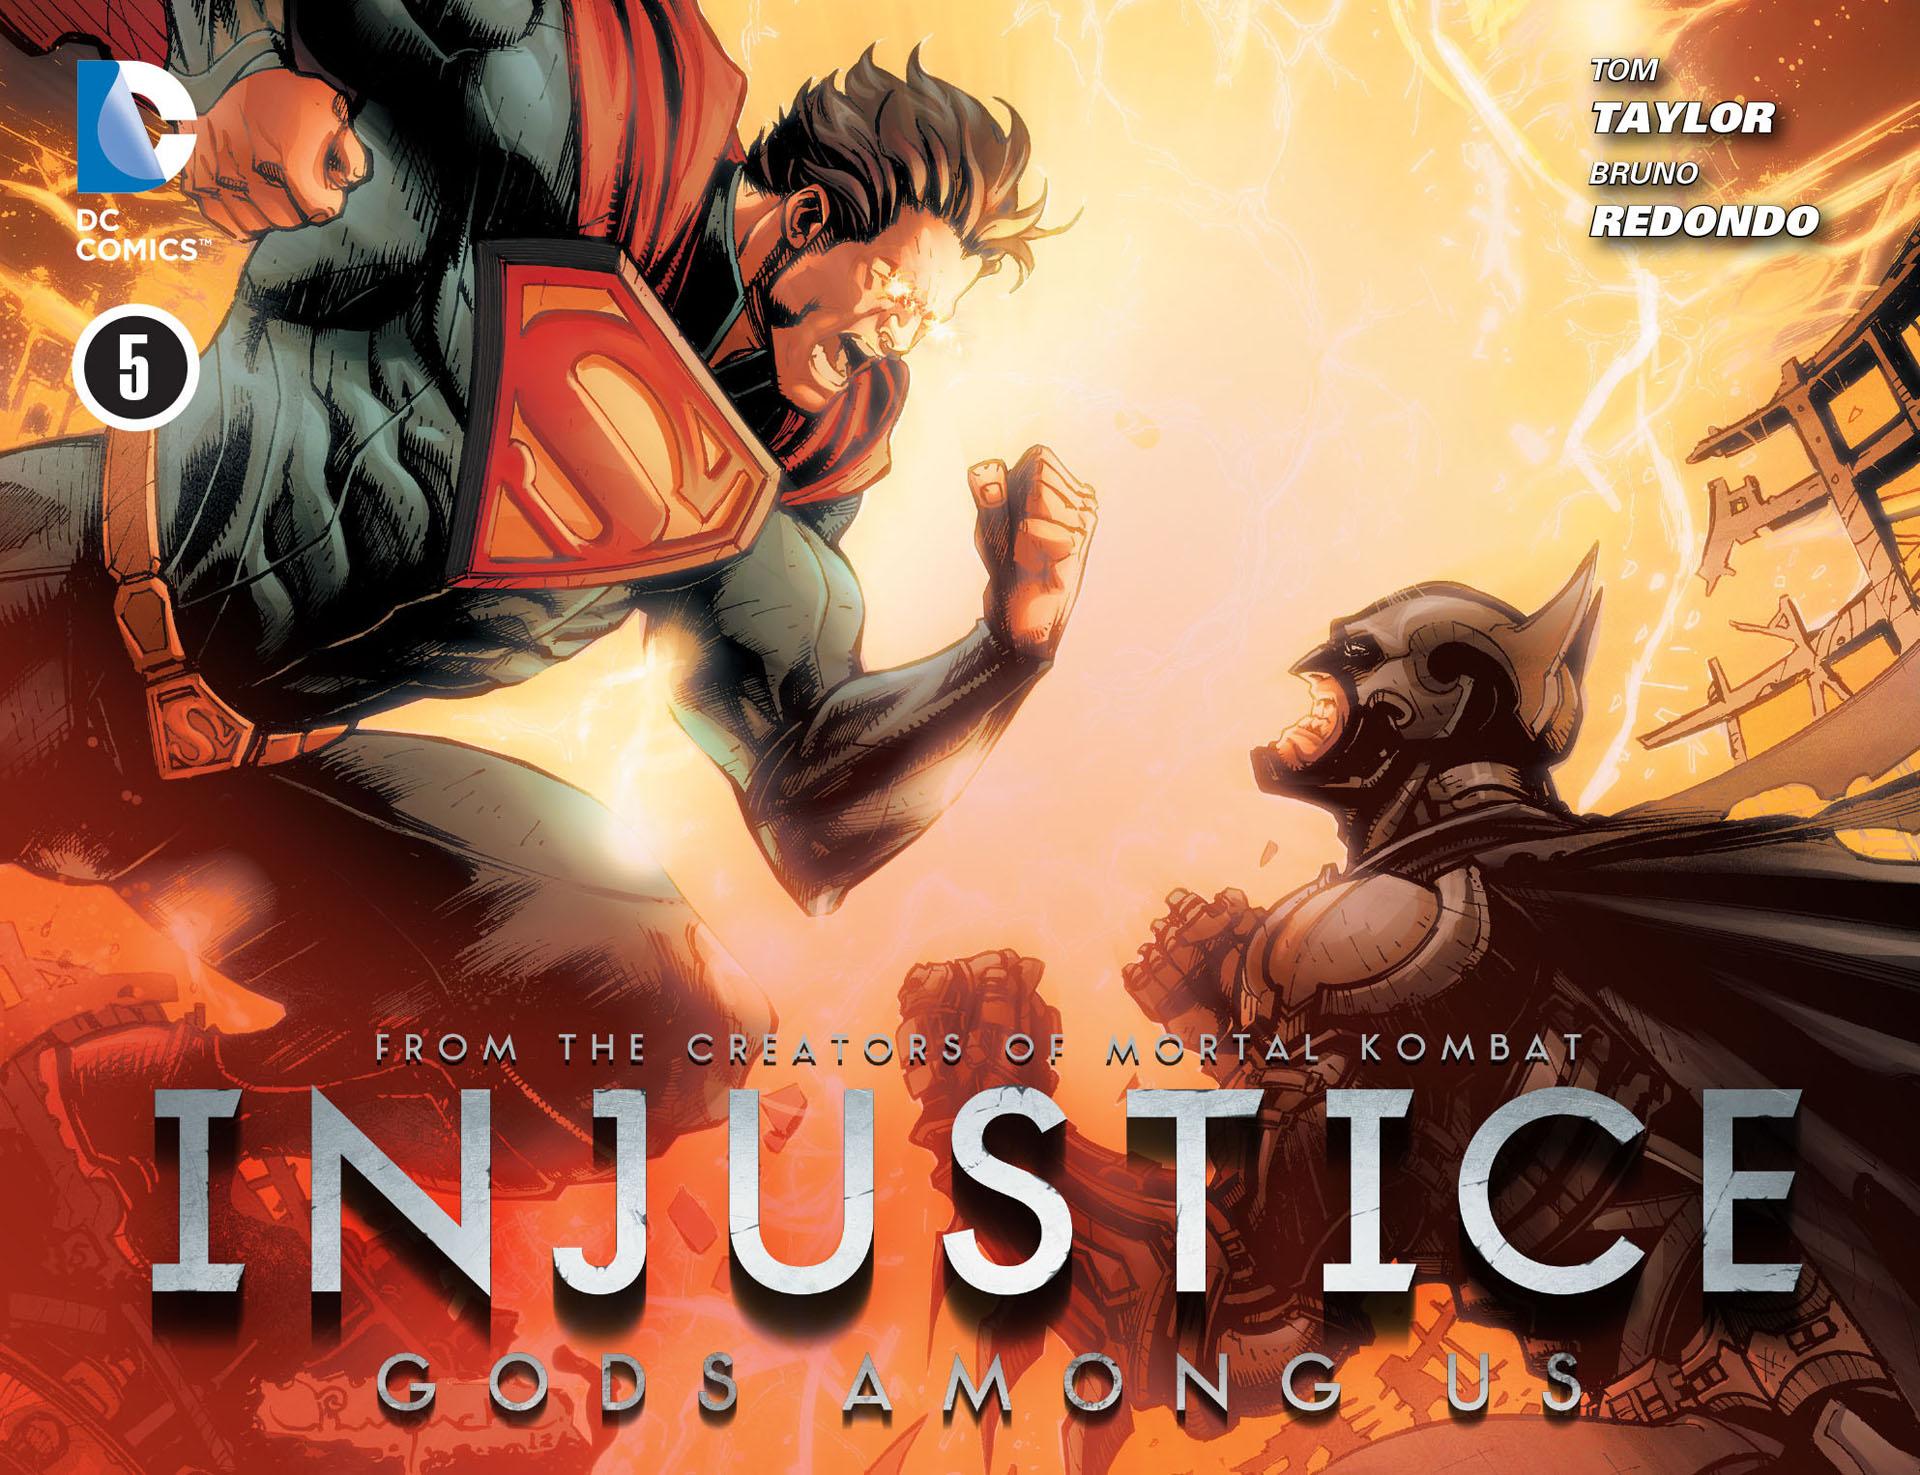 Injustice: Gods Among Us [I] 5 Page 1